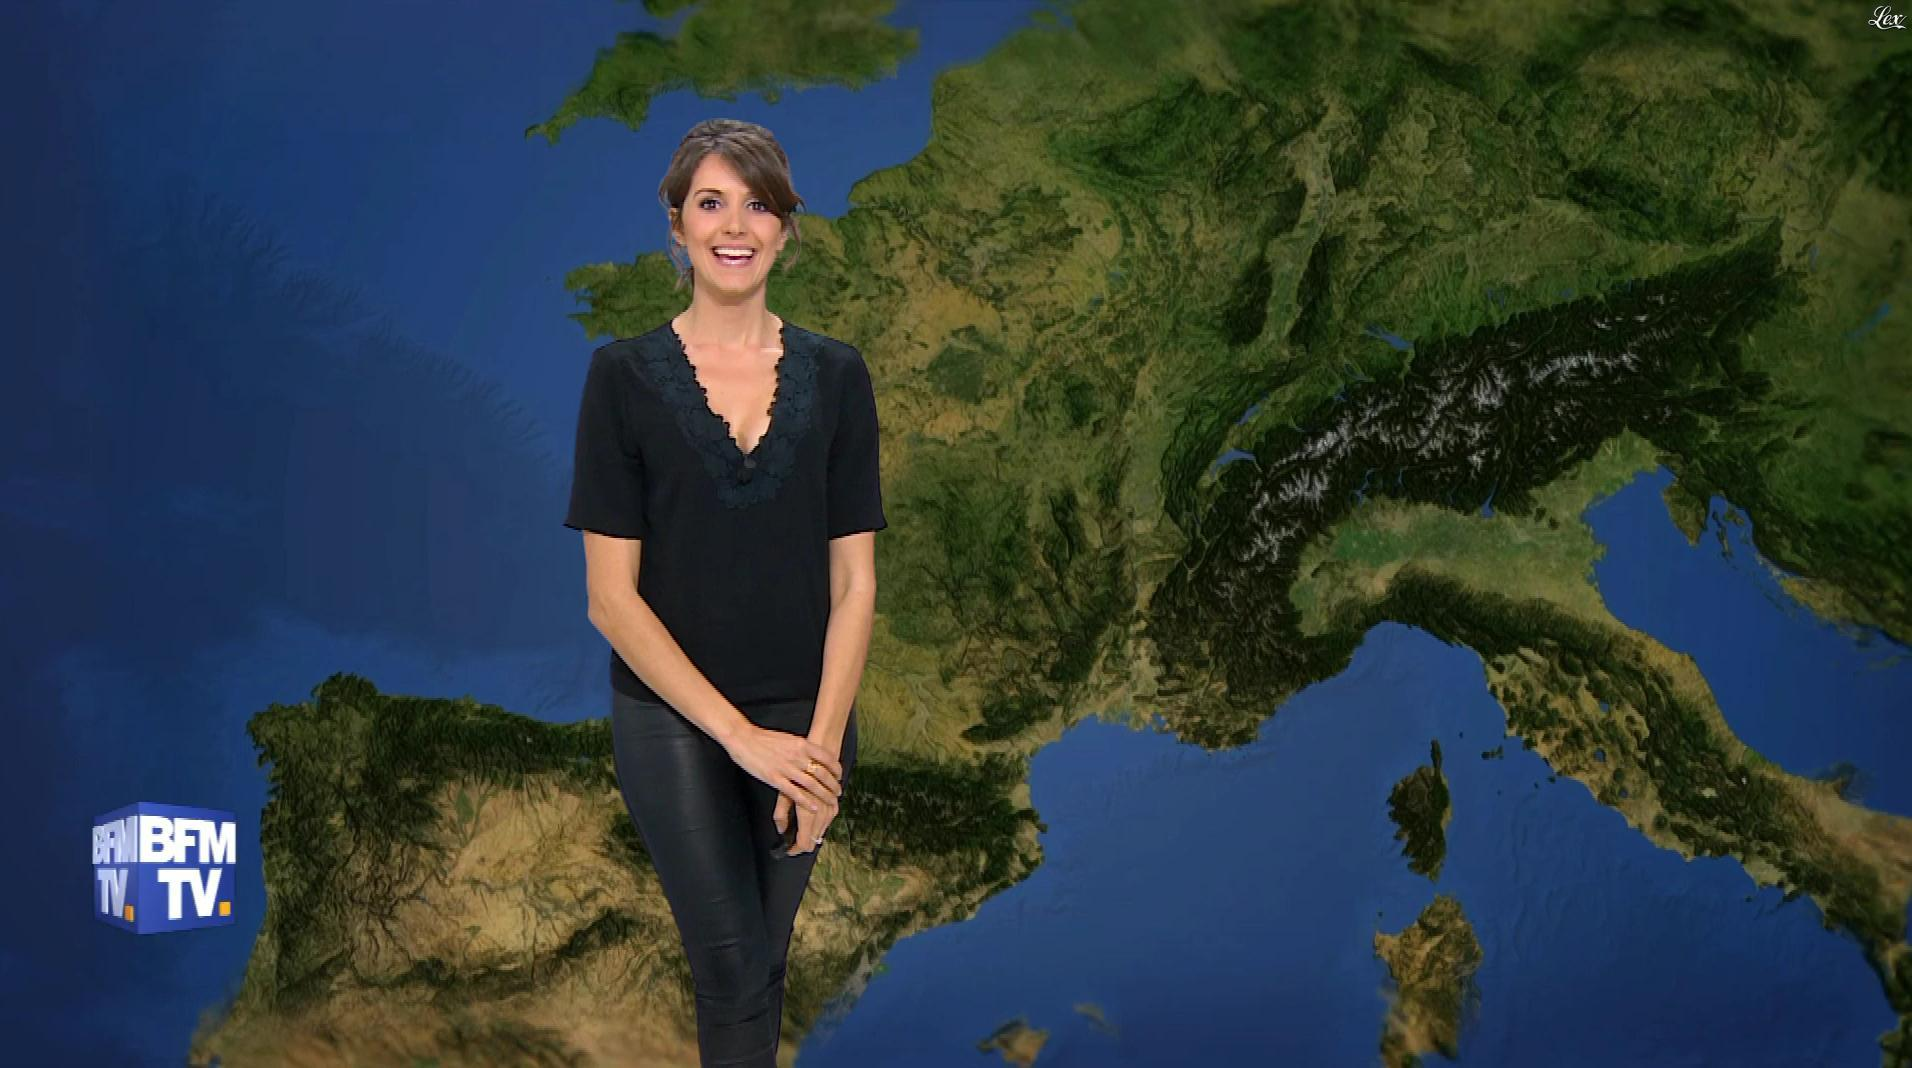 Fanny Agostini à la Météo de BFM TV. Diffusé à la télévision le 31/03/17.